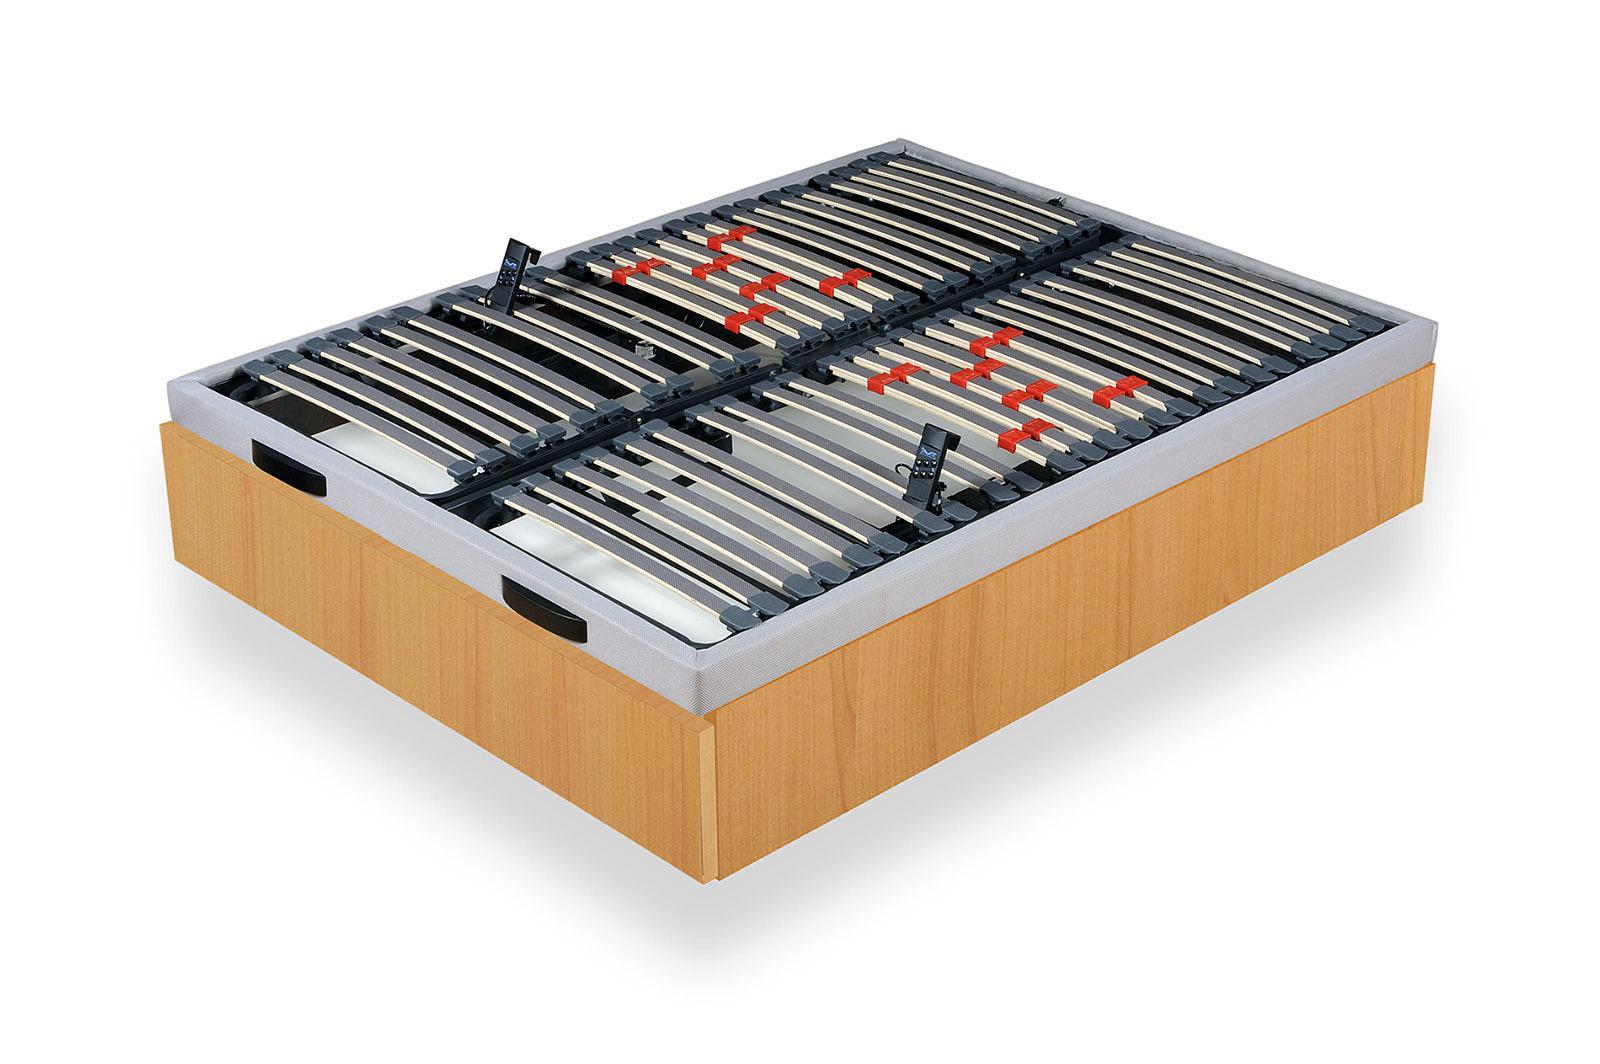 Canape articulado electrico con cajon zapatero un canape for Somier 135 barato